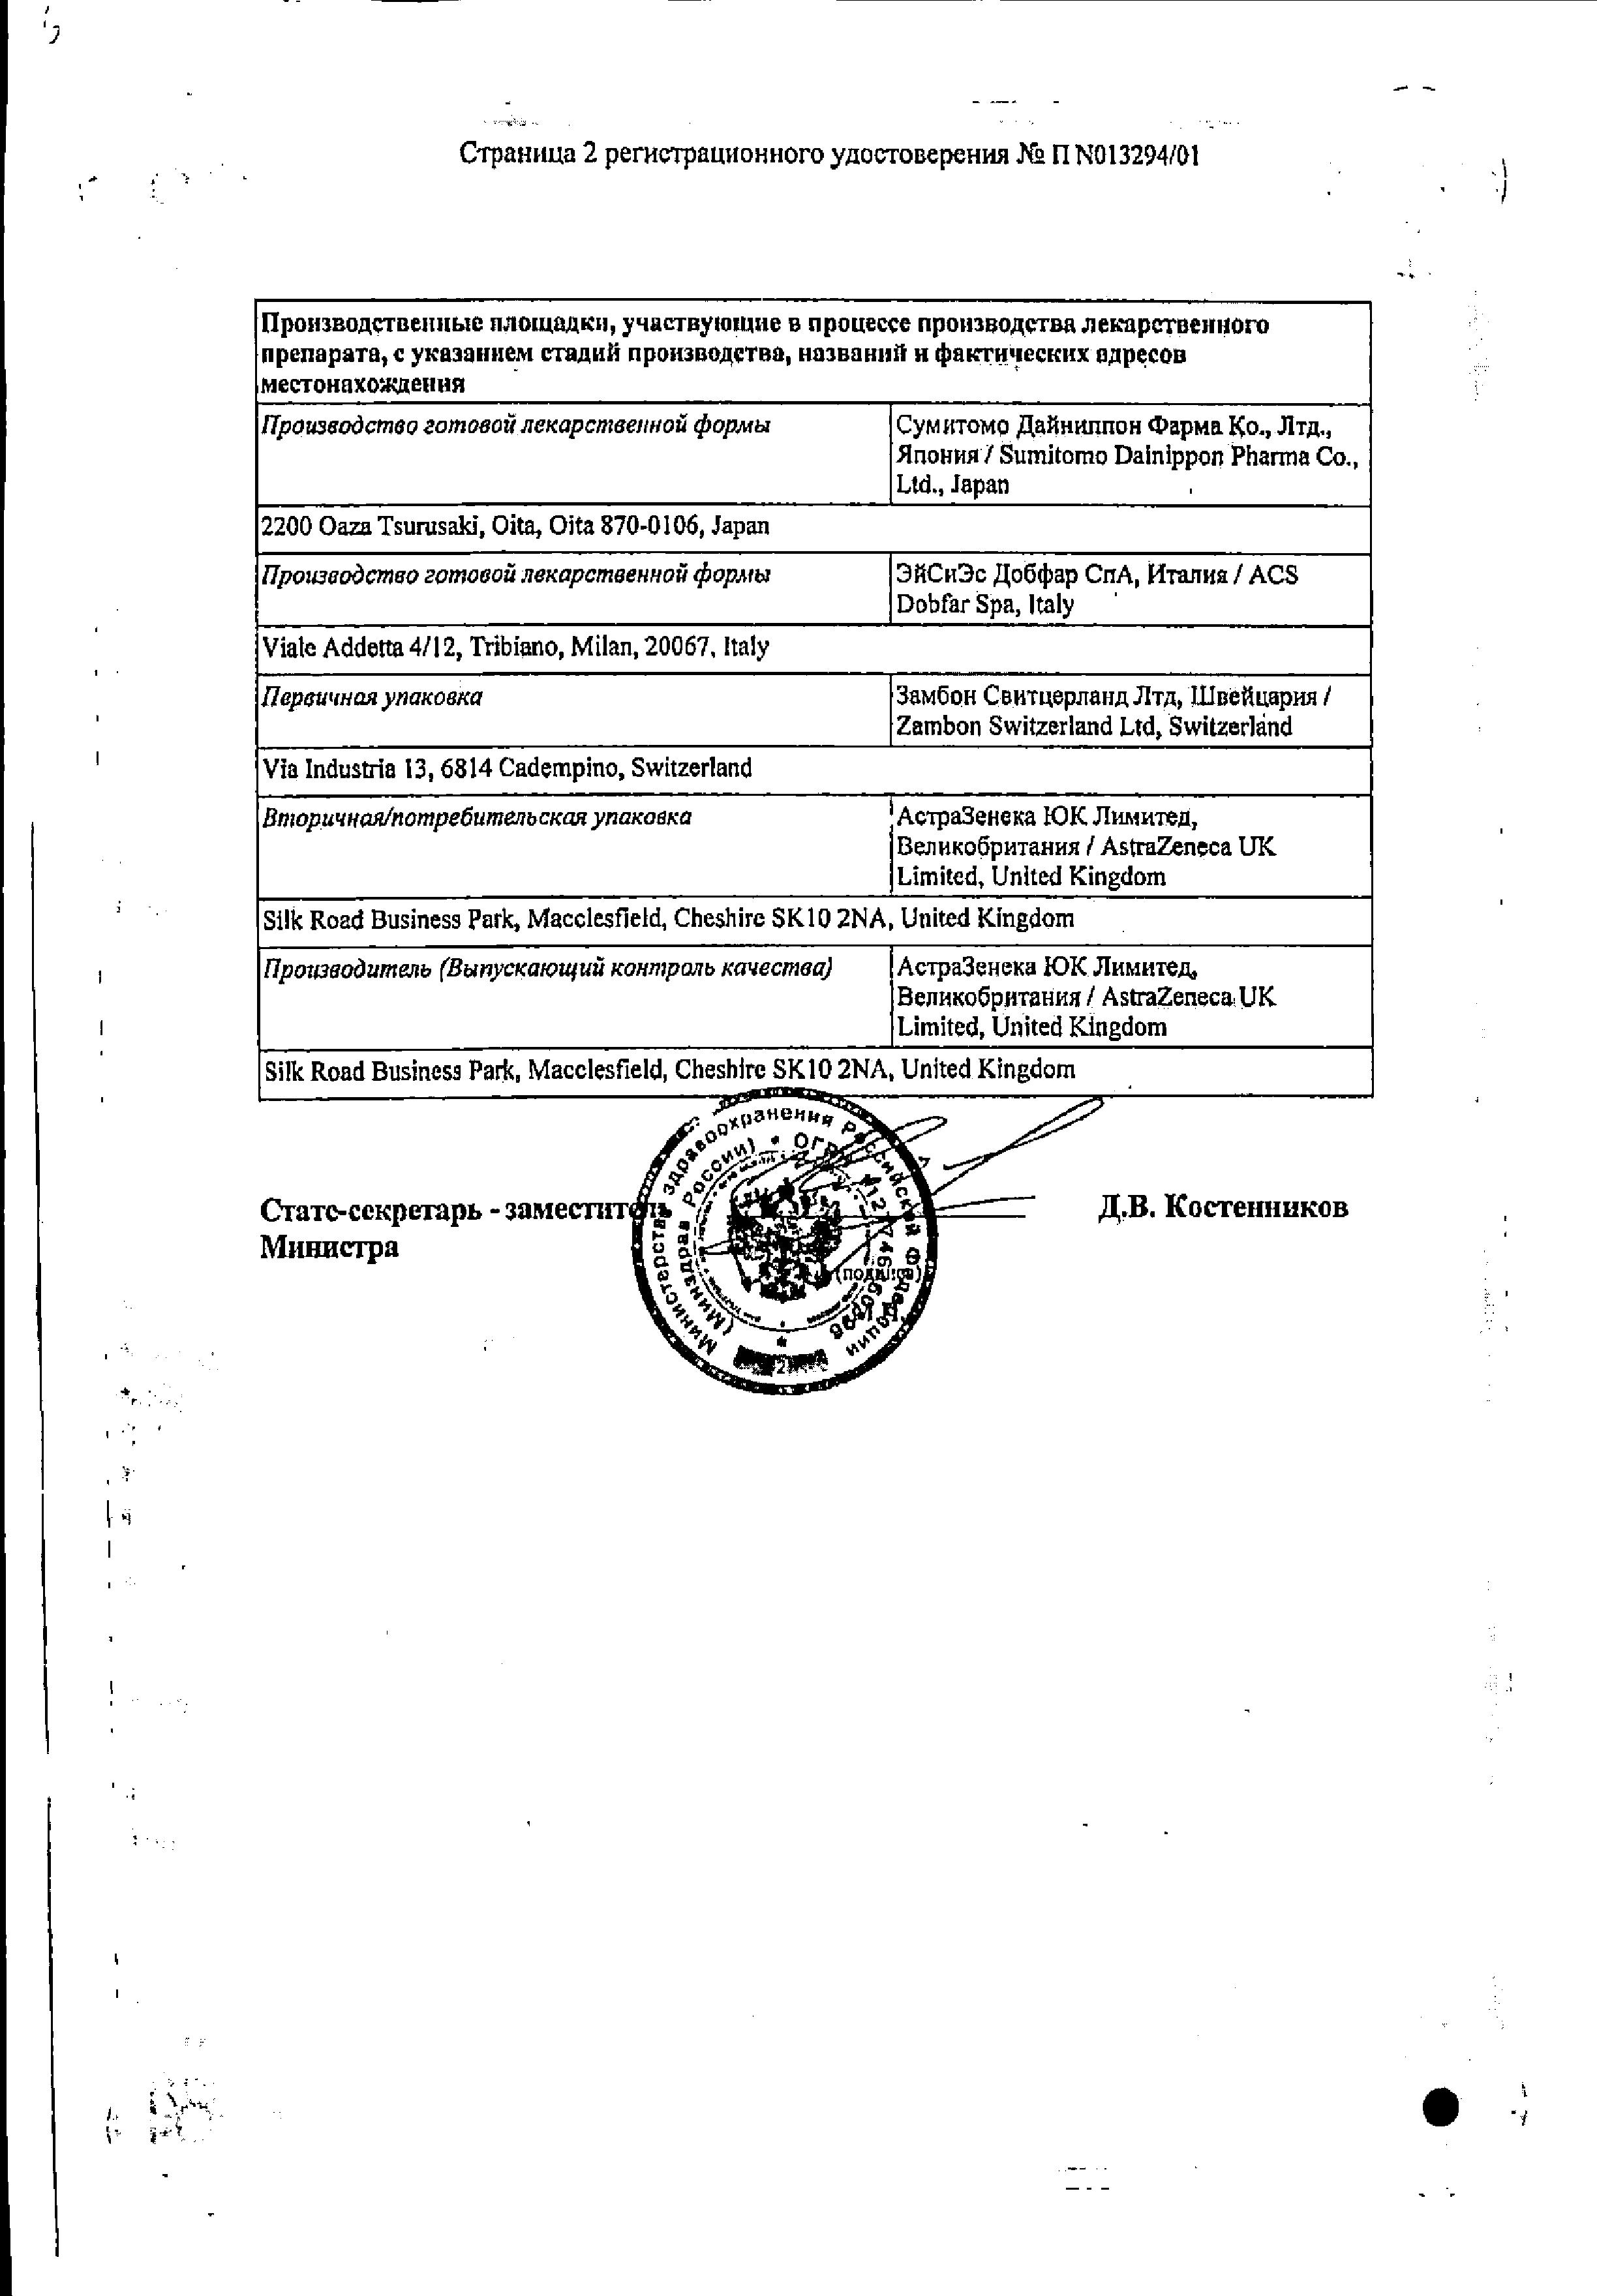 Меронем сертификат